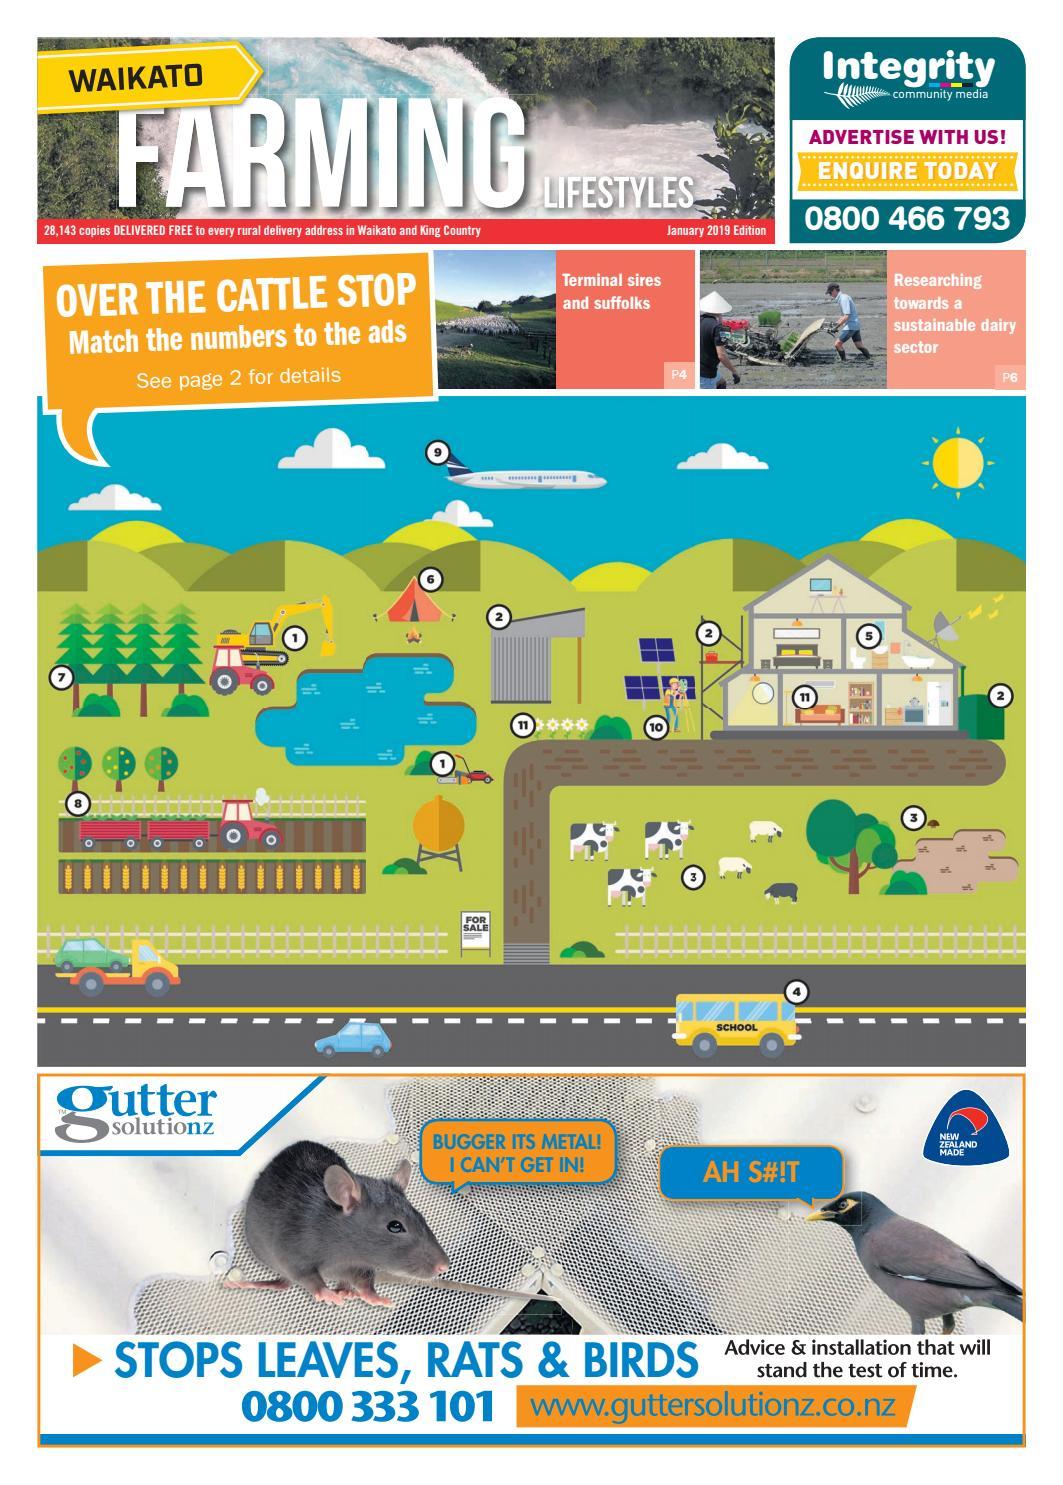 Waikato Farming Lifestyles, January 2019 by Integrity